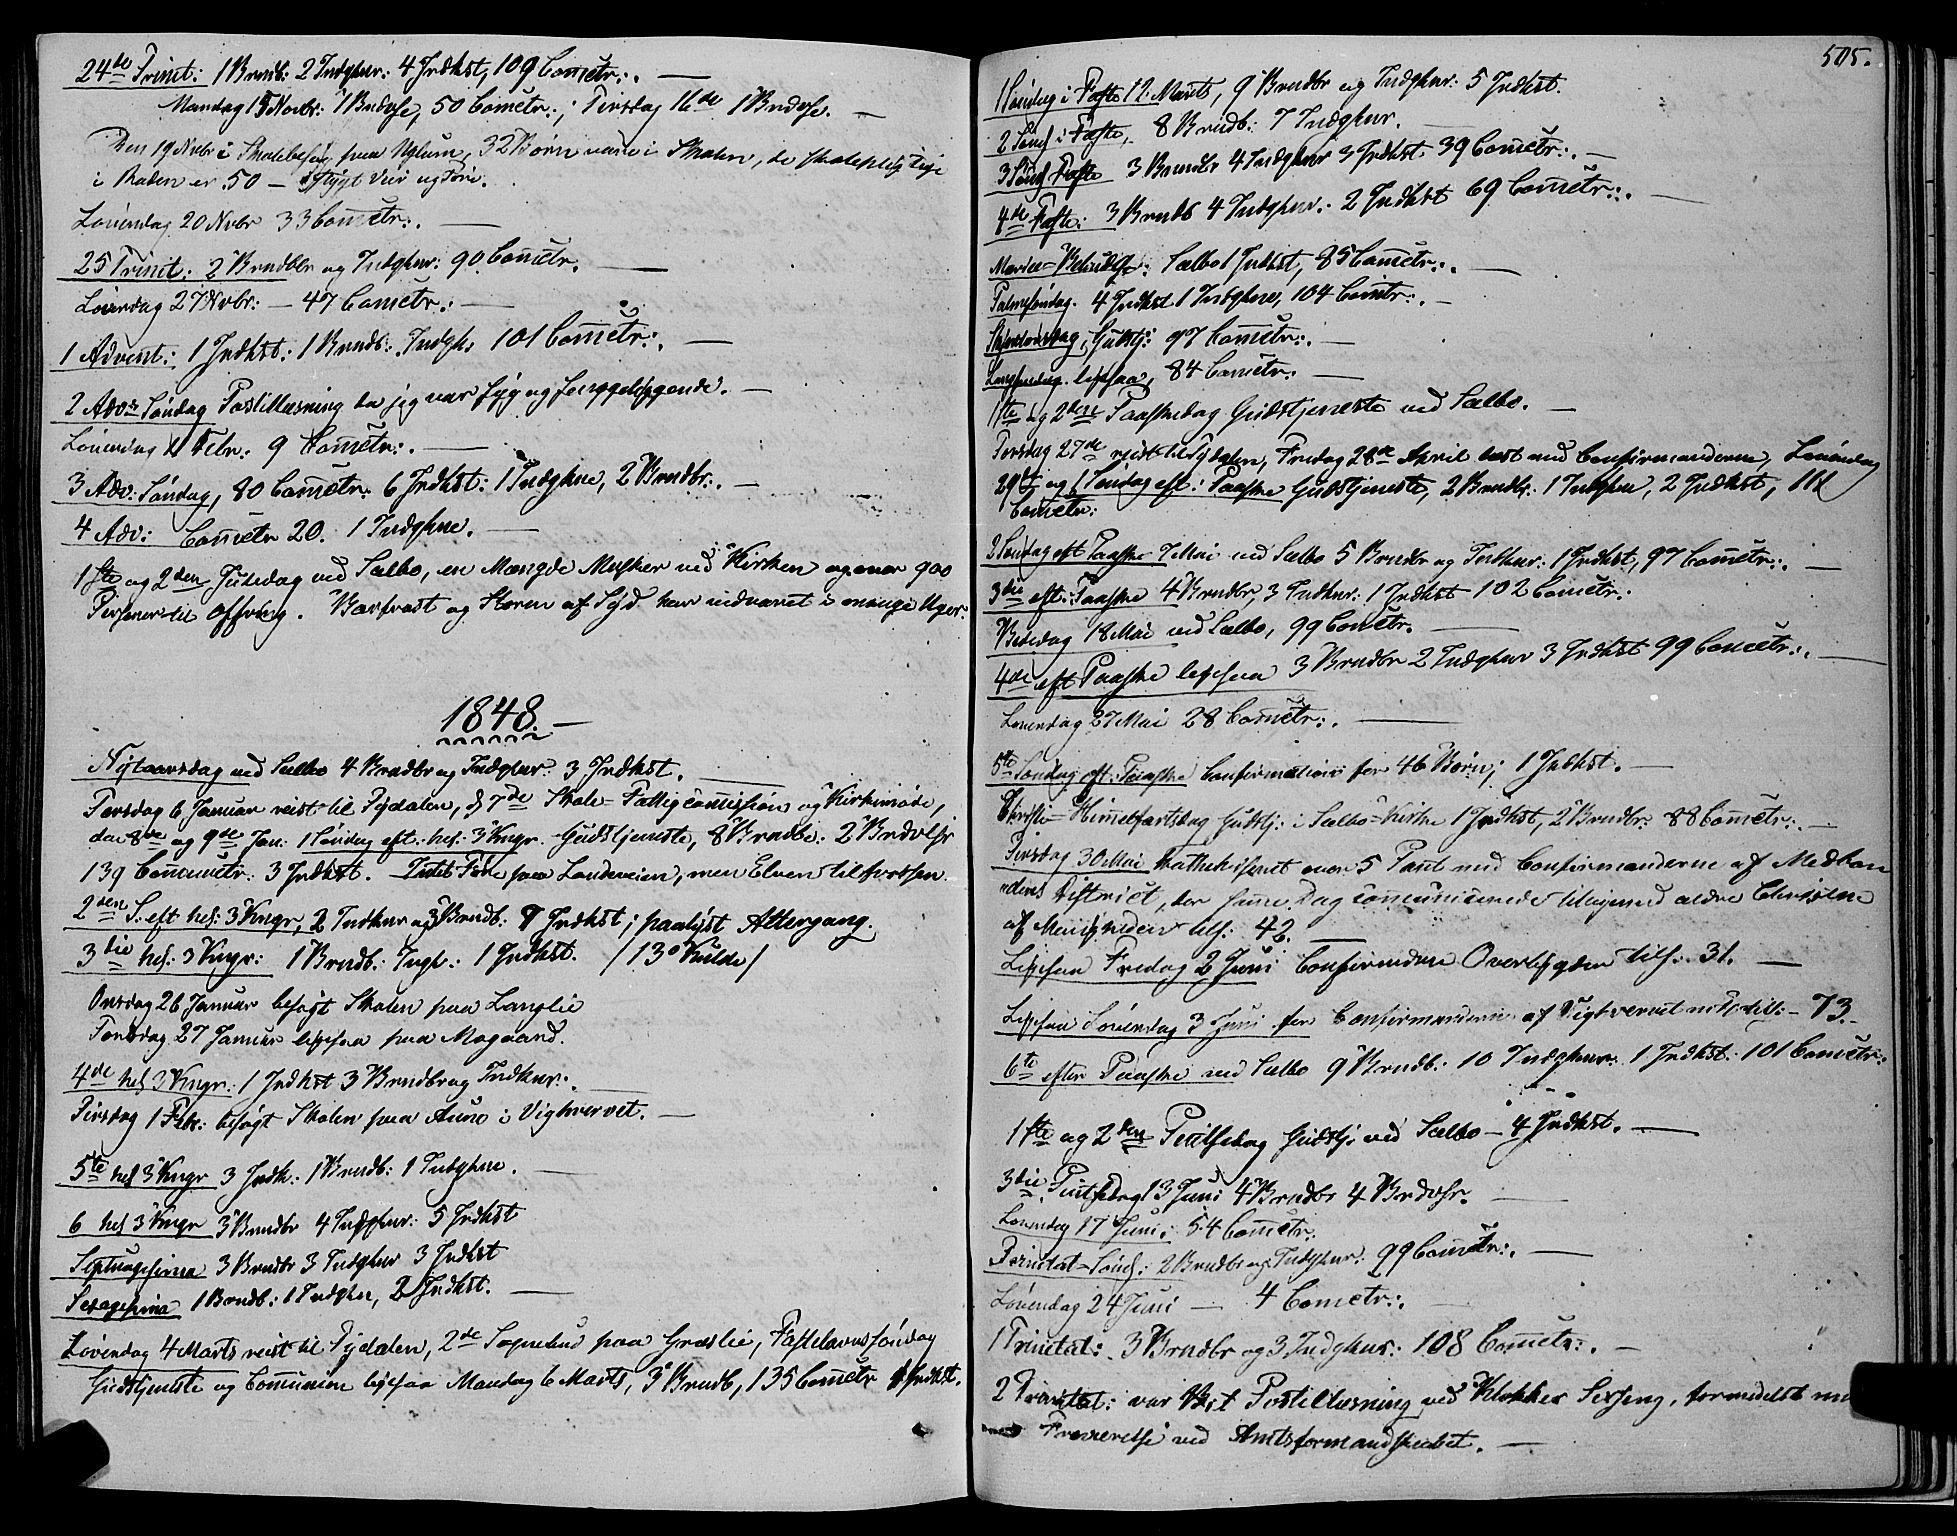 SAT, Ministerialprotokoller, klokkerbøker og fødselsregistre - Sør-Trøndelag, 695/L1145: Ministerialbok nr. 695A06 /1, 1843-1859, s. 505